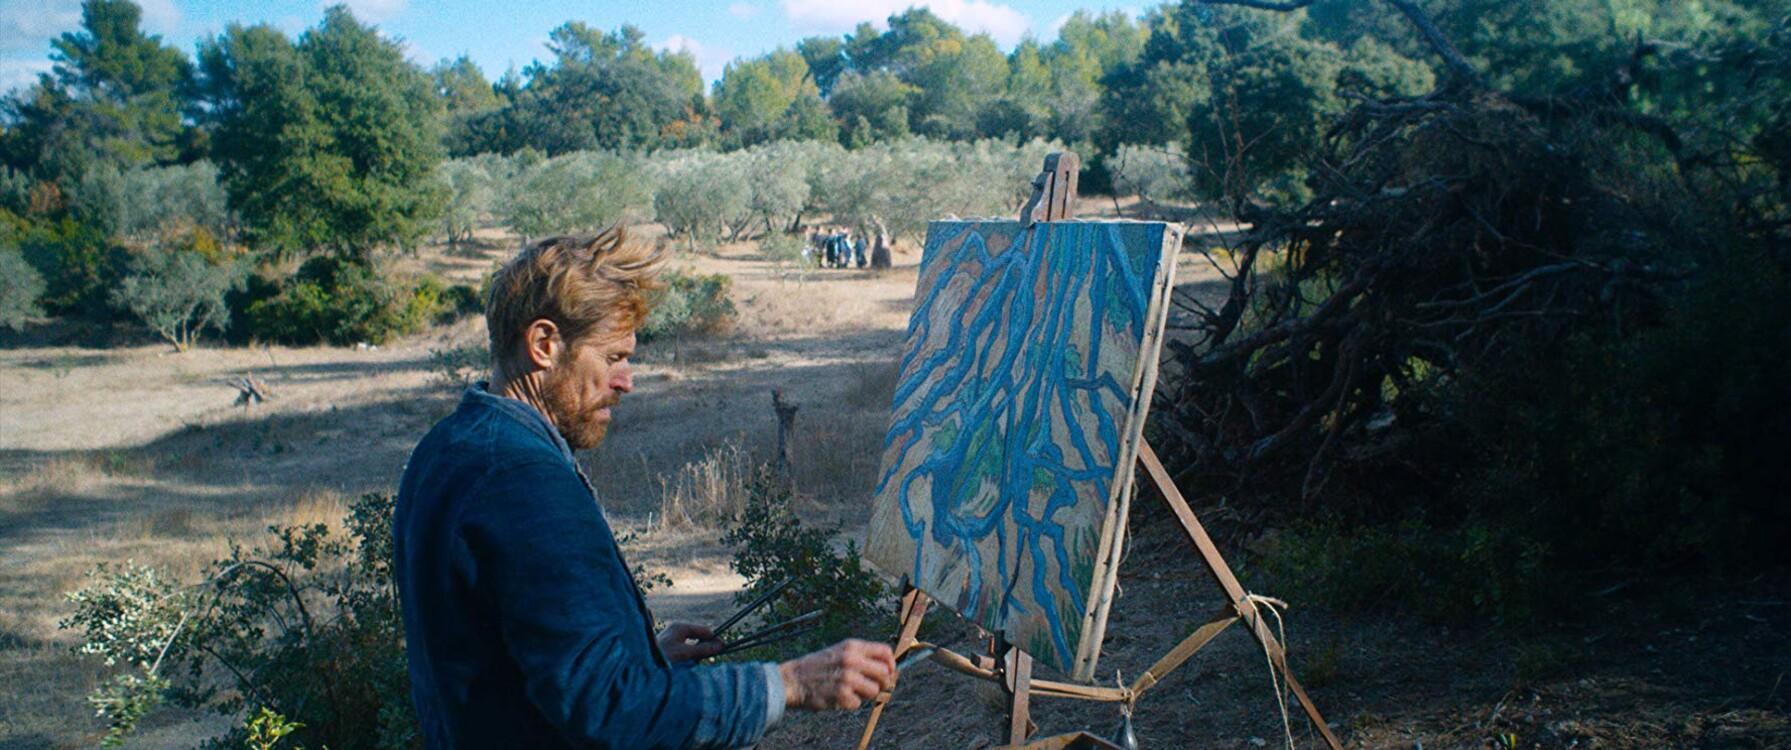 Віллем Дефо у фільмі «Ван Гог. На порозі вічності», 2018